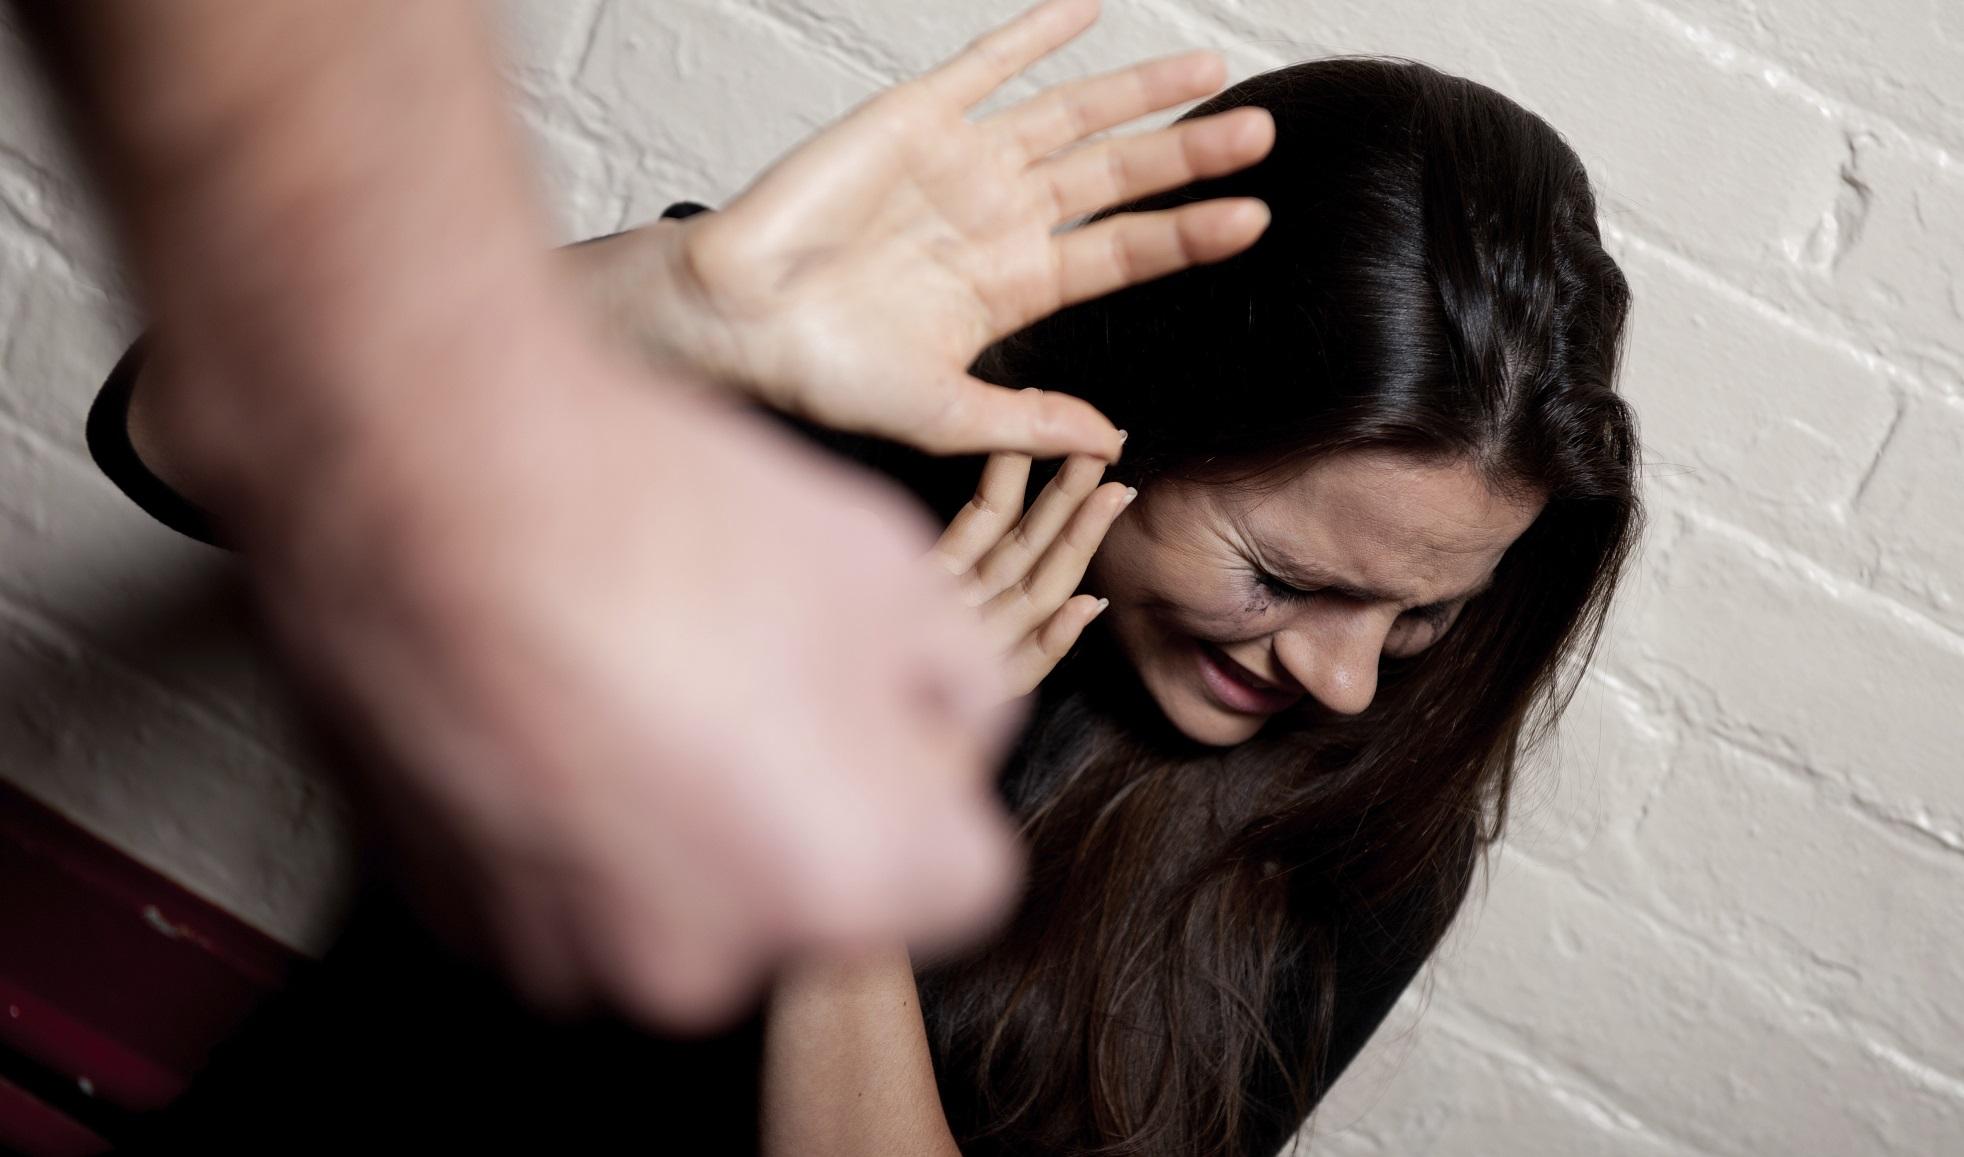 Picchia e prende a morsi la ex incinta, nei guai